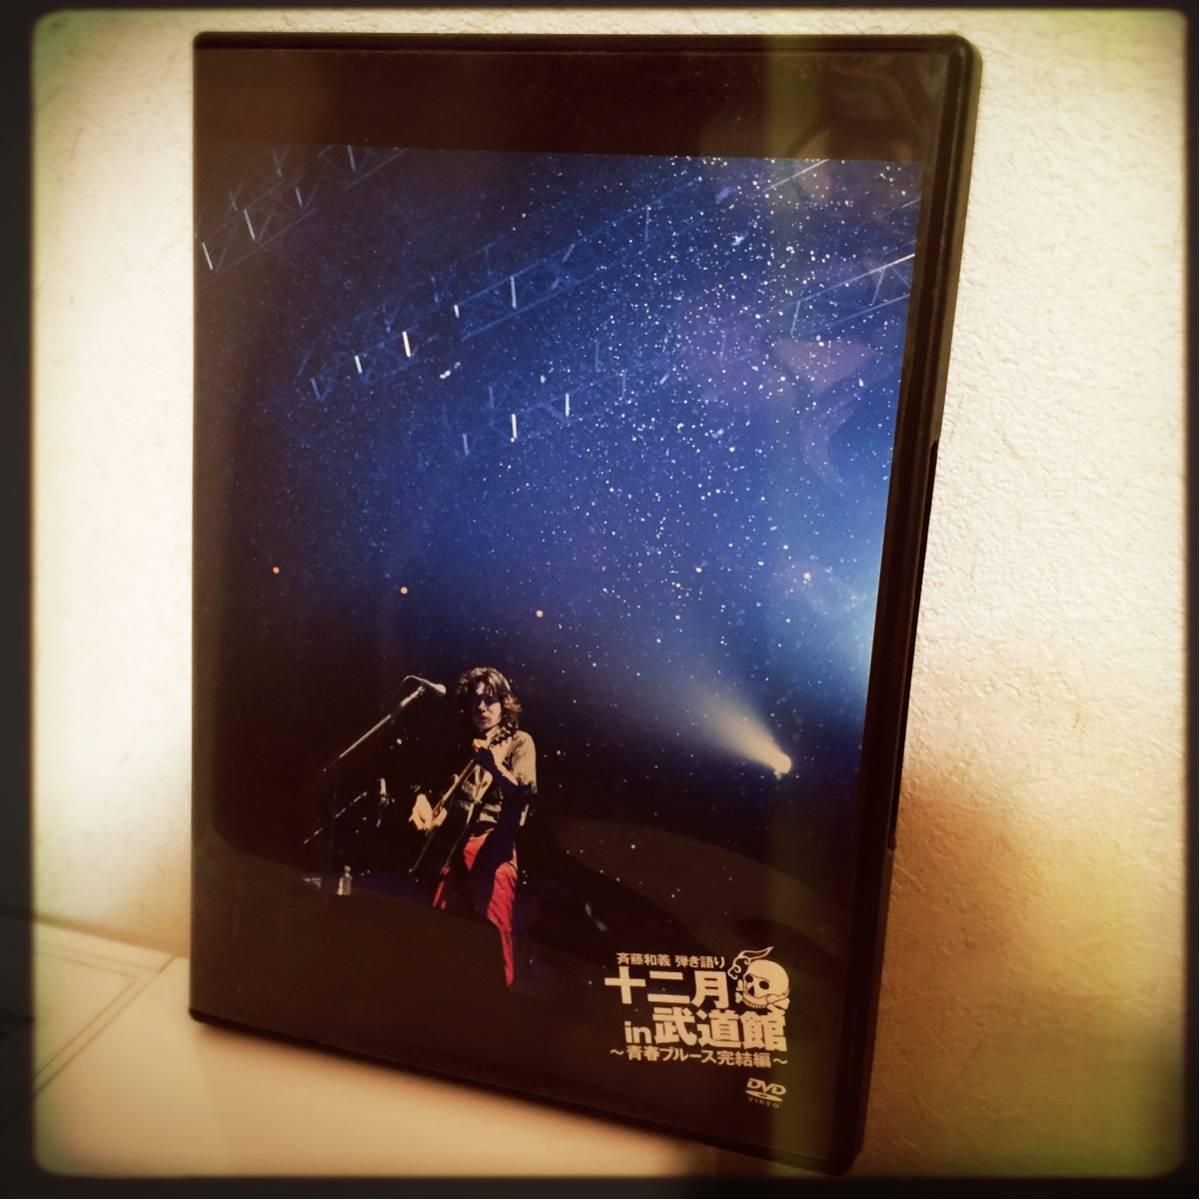 【美品/DVD】斉藤和義 弾き語り 十二月 in 武道館 ~青春ブルース完結編~ ライブグッズの画像